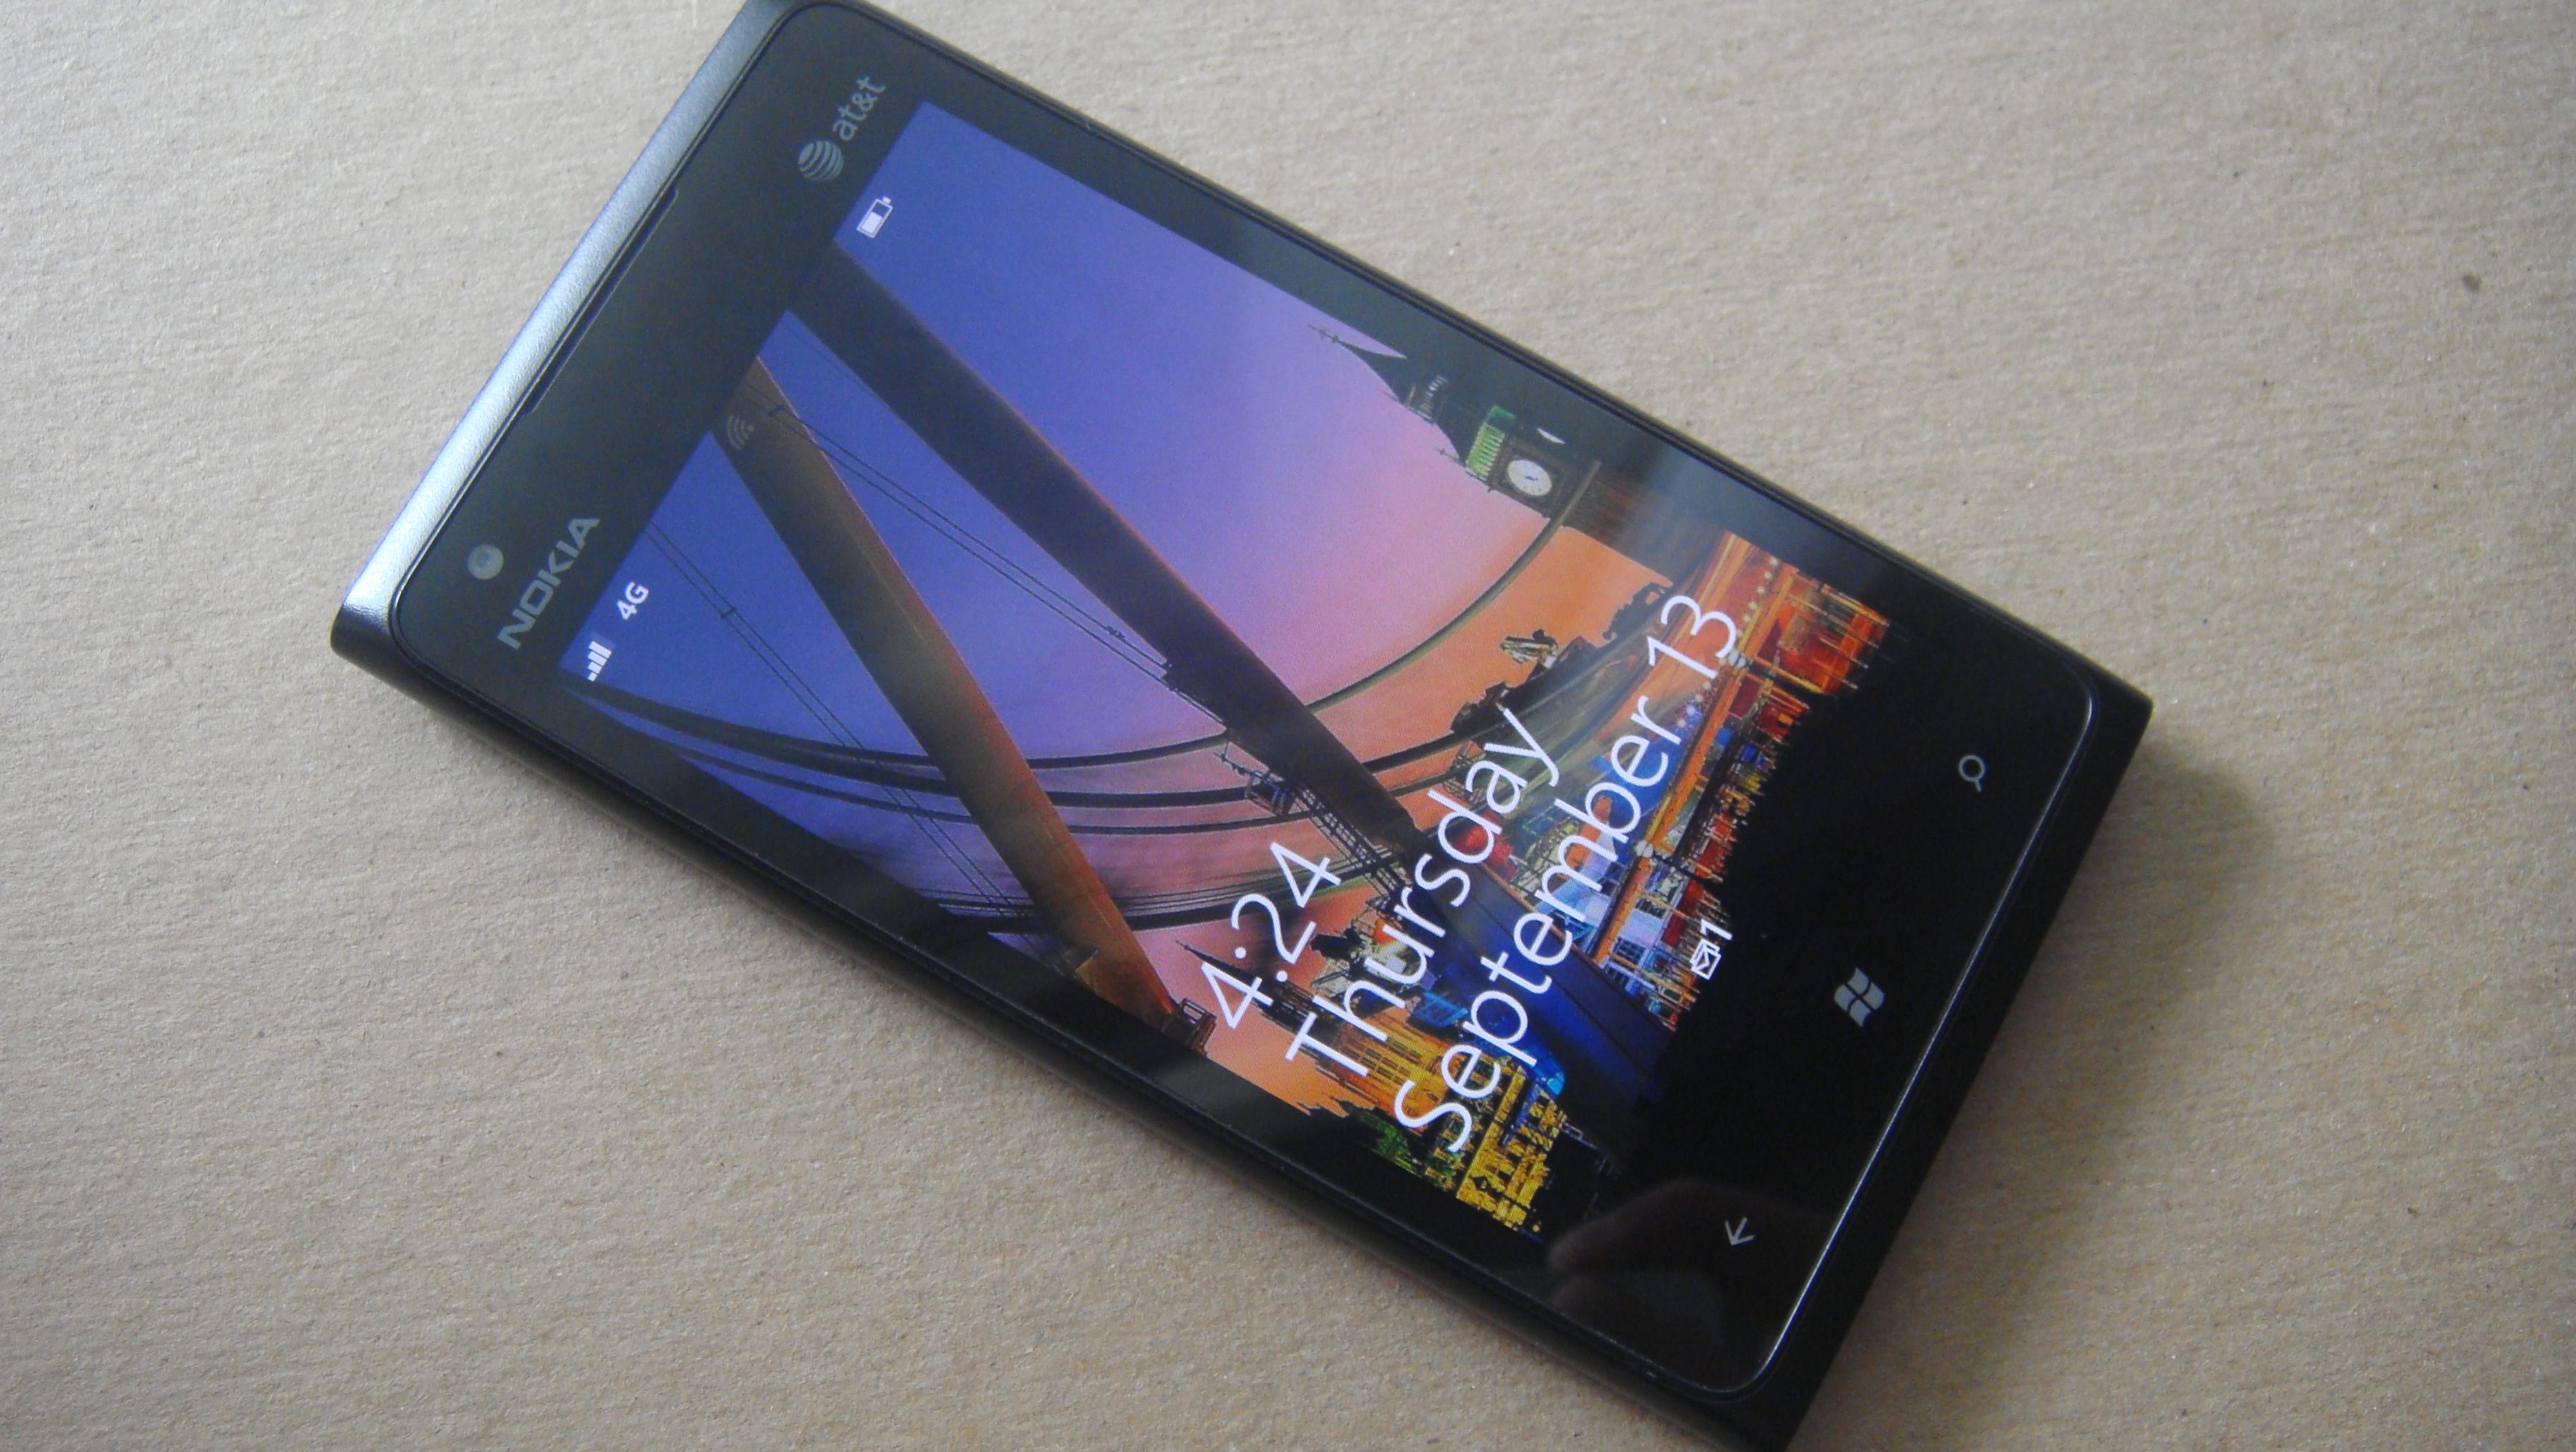 Deals on nokia lumia 900